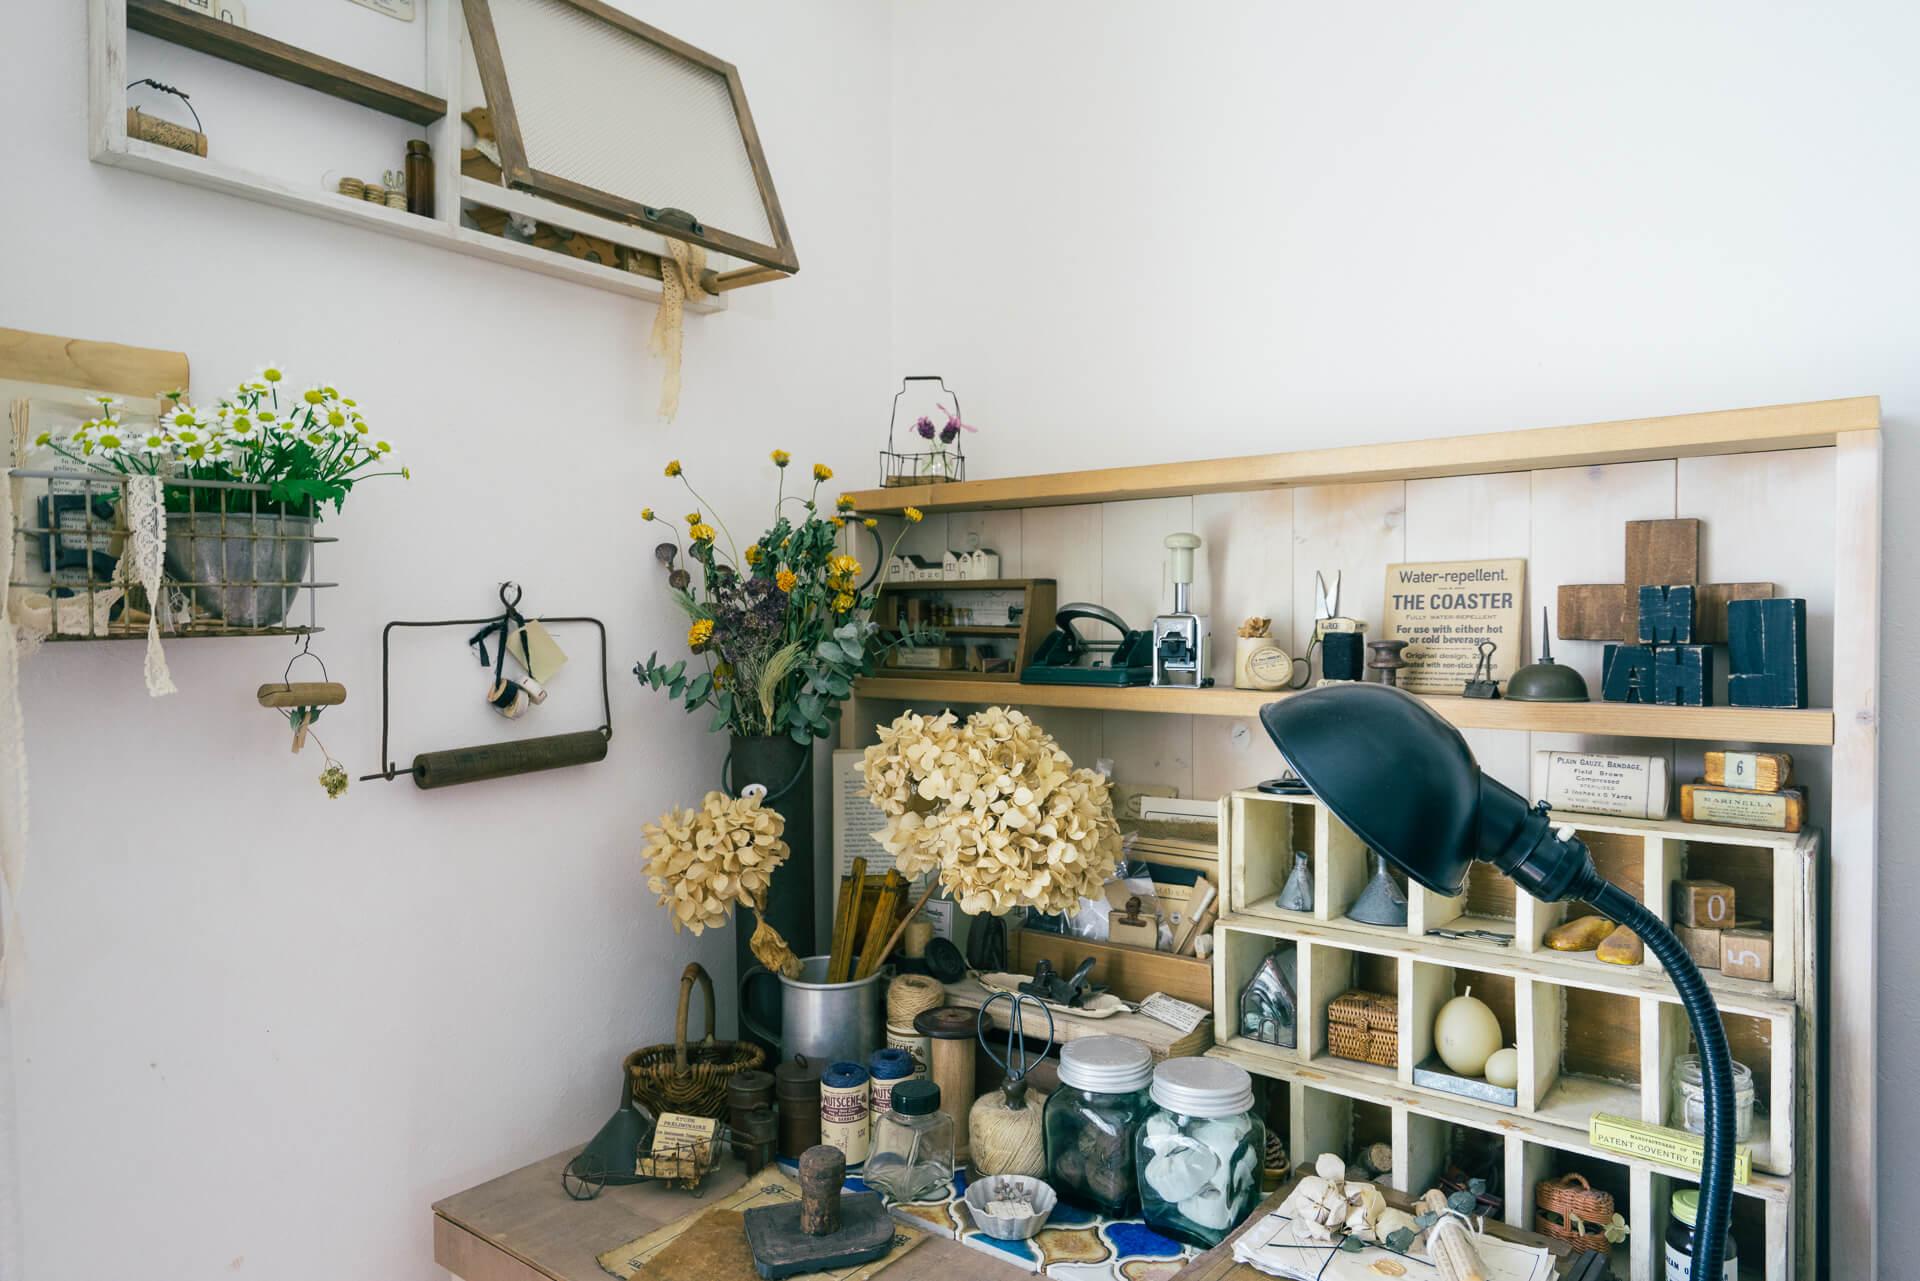 お気に入りの古道具など雑貨がたくさん並ぶデスクの上は、ドライフラワーで彩りを。